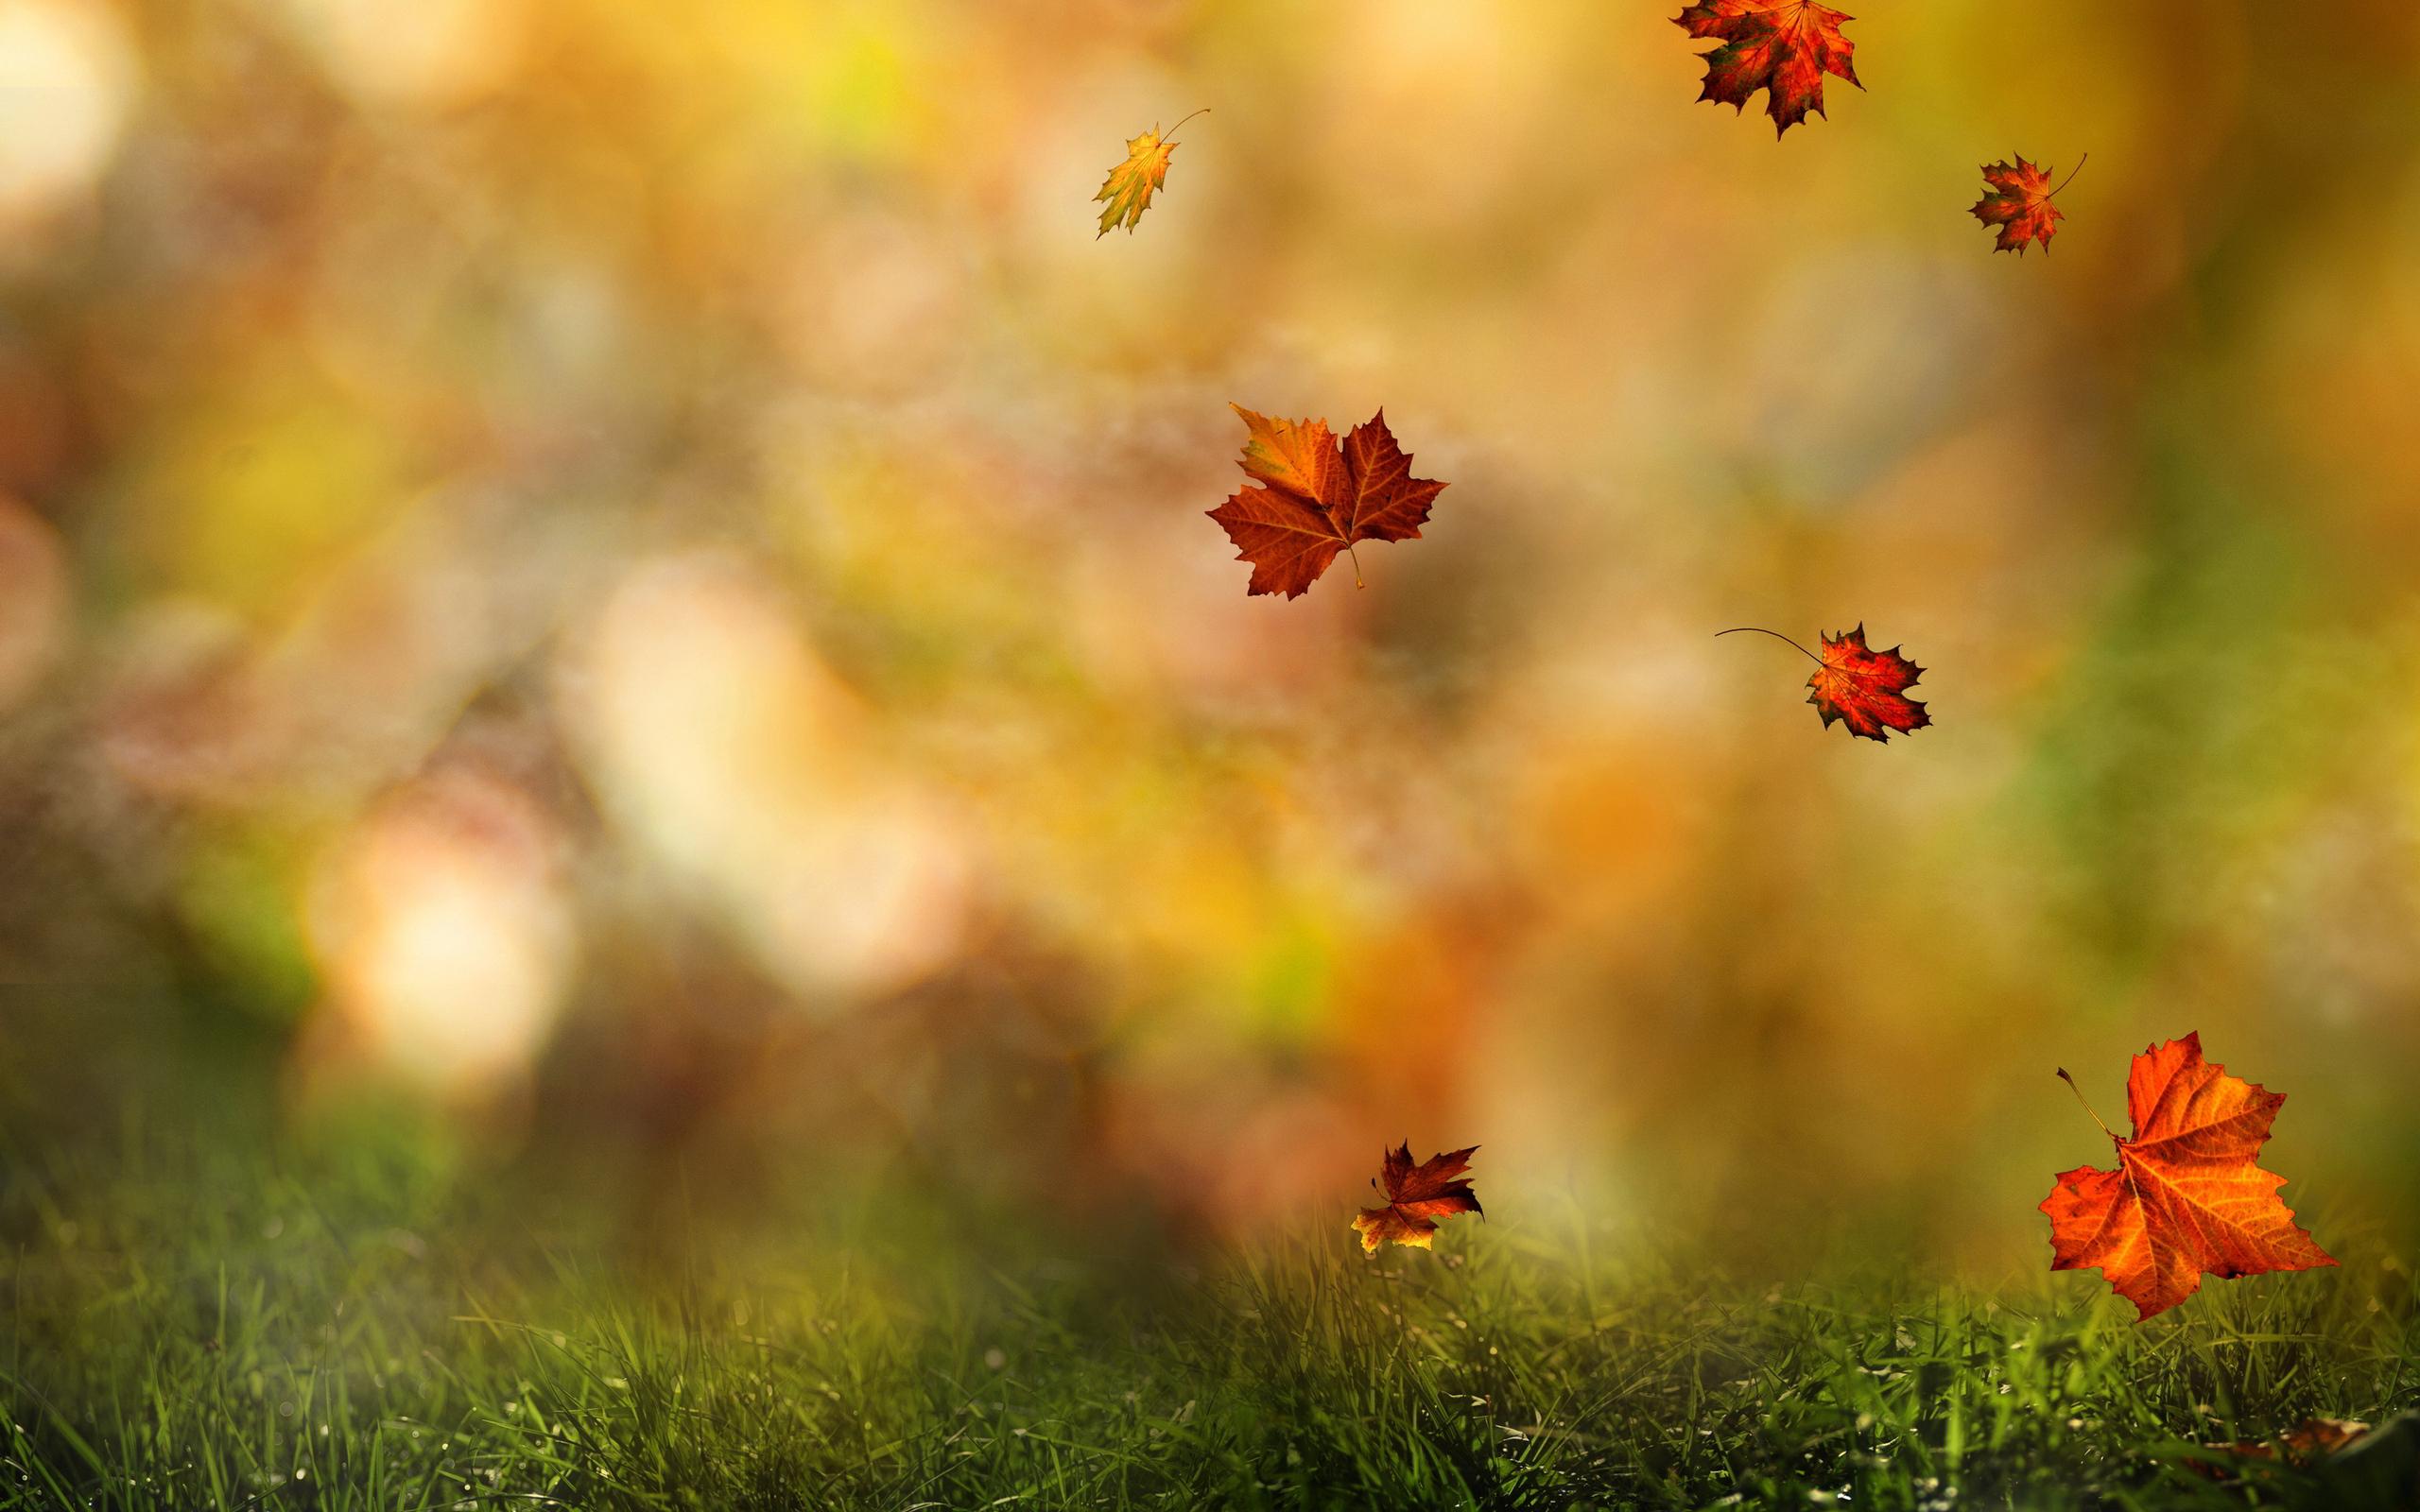 Free Falling Leaves Live Wallpaper Fall Wallpaper Forest Hd Desktop Wallpapers 4k Hd